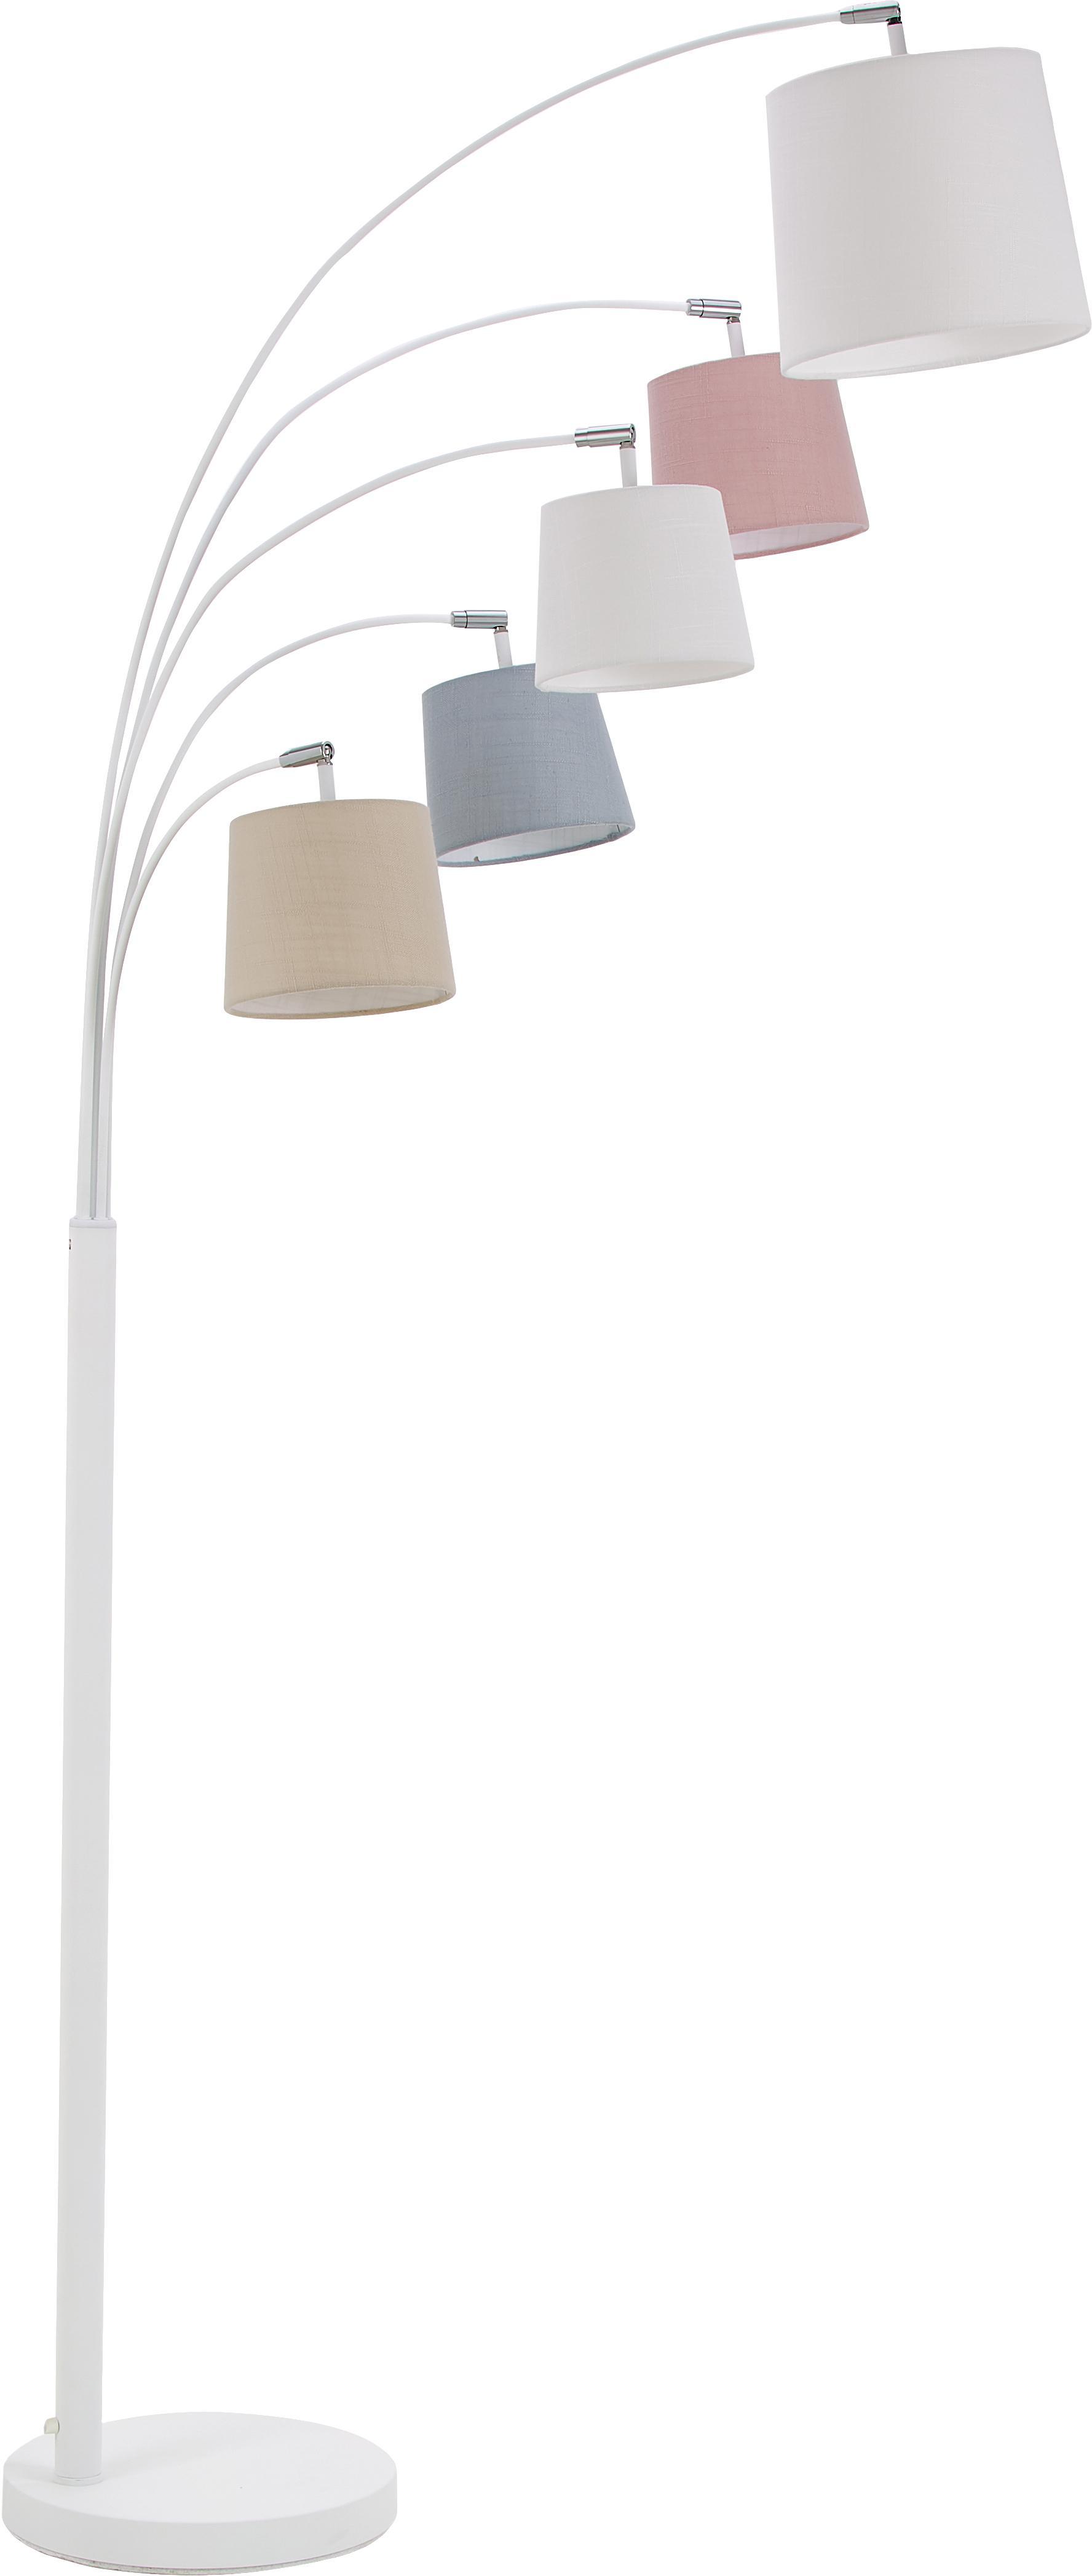 Scandi booglamp Foggy met stoffen kappen, Lampenkap: polyester, katoen, Lampvoet: gelakt metaal, Wit, grijs, roze, 80 x 200 cm